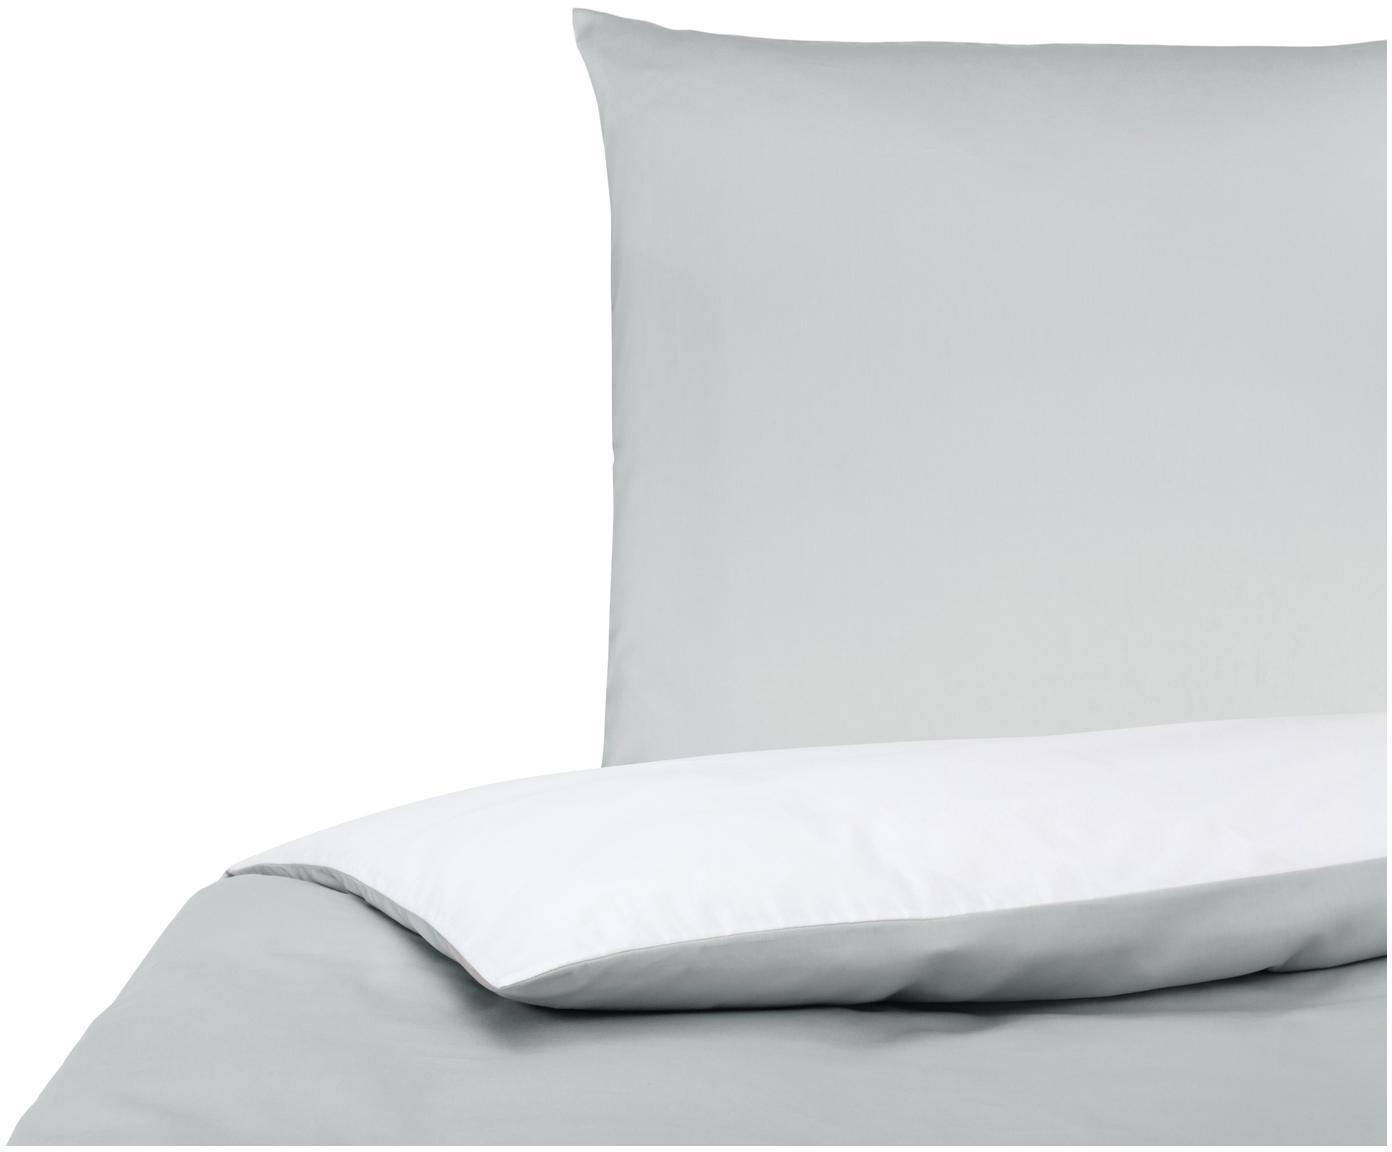 Baumwollsatin-Wendebettwäsche Julia in Grau/Weiß, Webart: Satin Fadendichte 250 TC,, Weiß, Hellgrau, 155 x 220 cm + 1 Kissen 80 x 80 cm